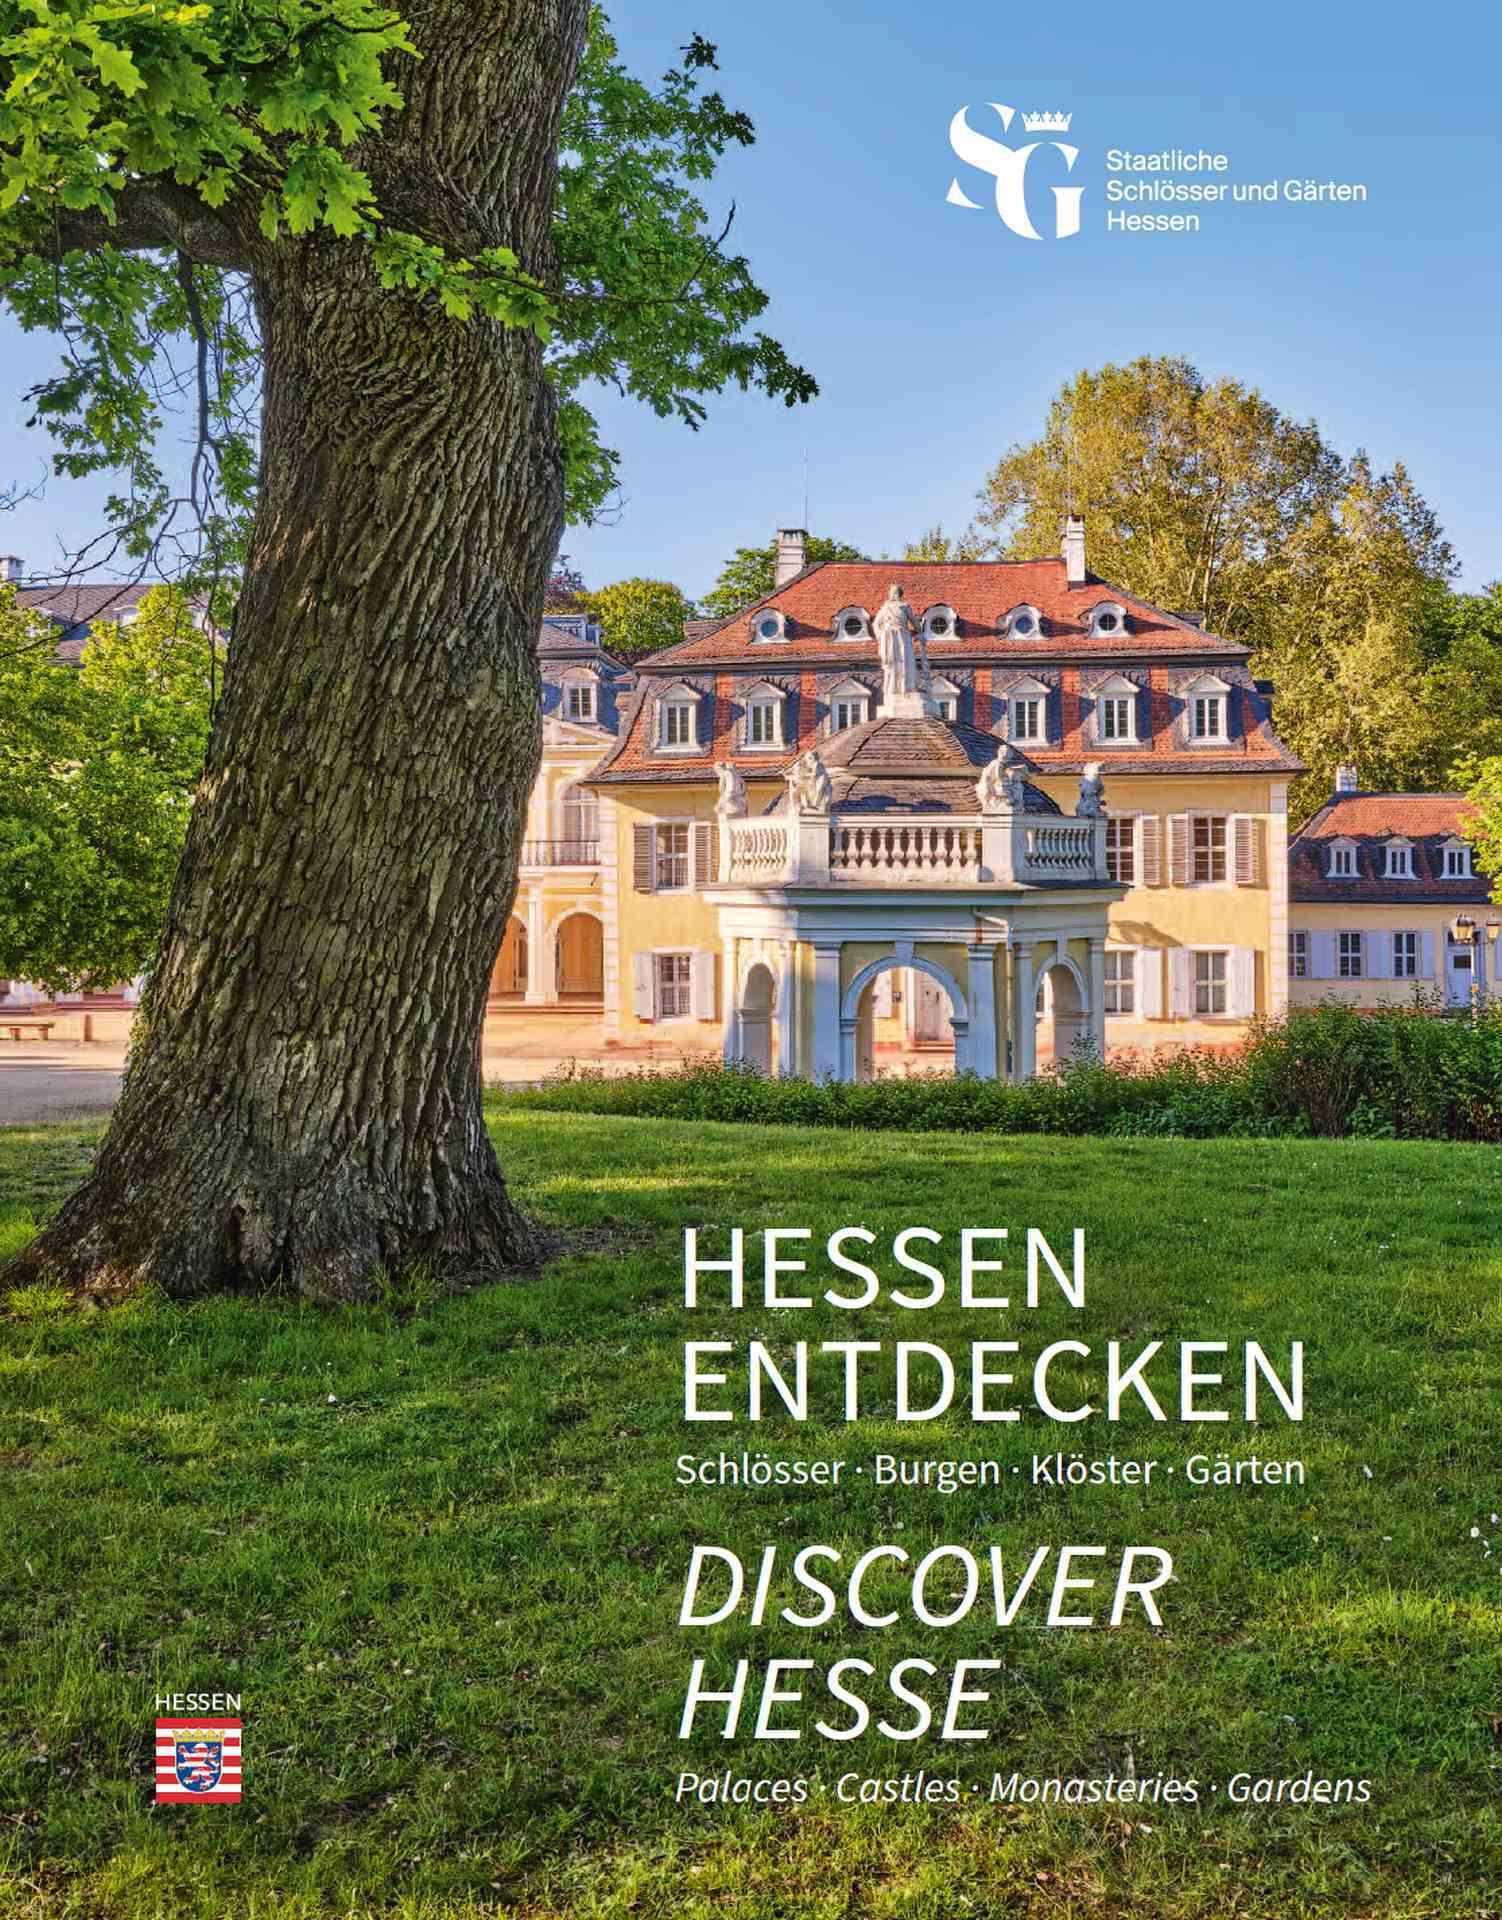 Hessen entdecken. Schlösser, Burgen, Klöster, Gärten